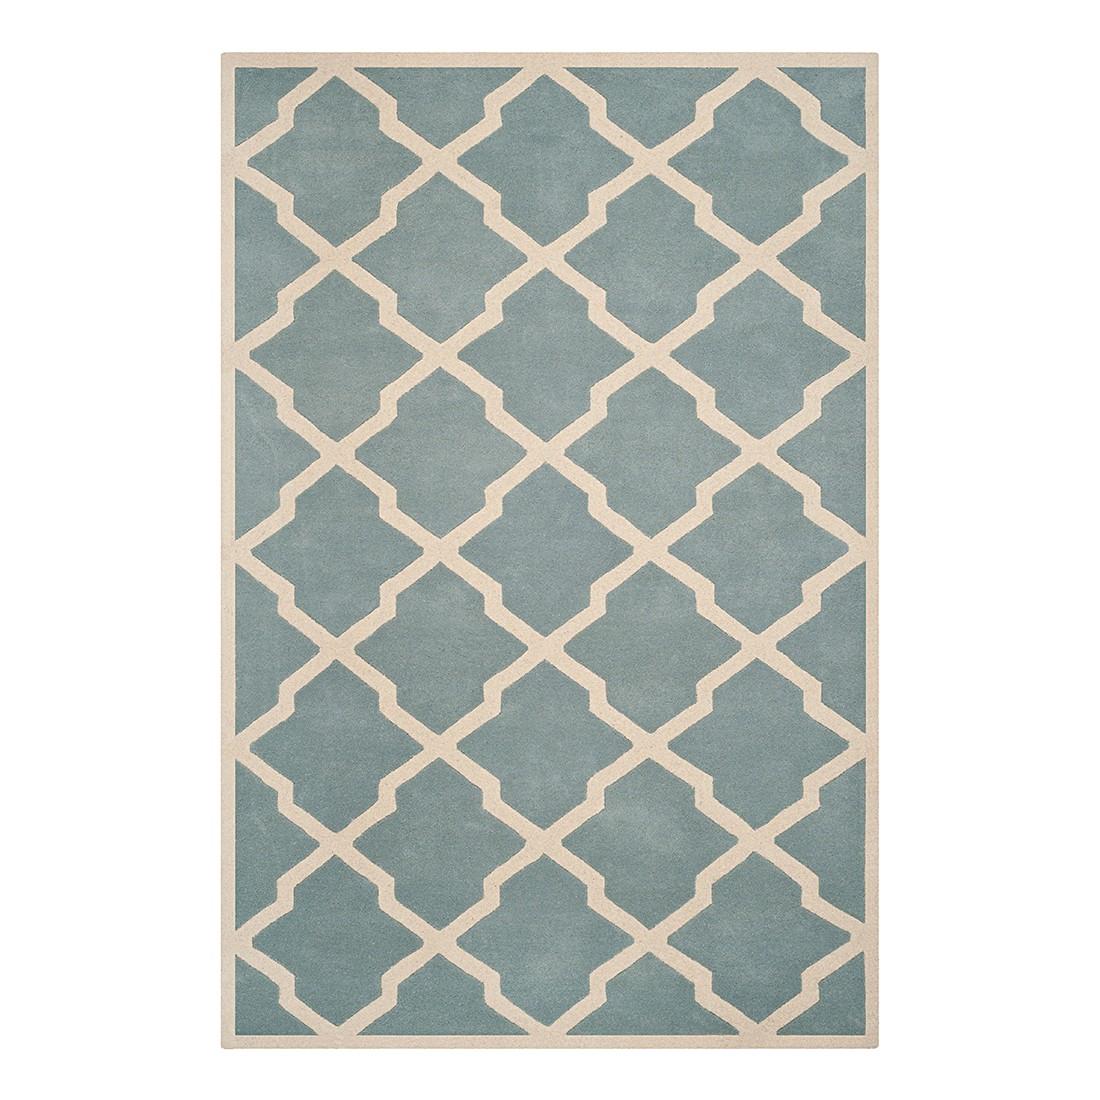 Teppich Carbone – Blau/Creme – 183 x 275 cm, Safavieh günstig bestellen